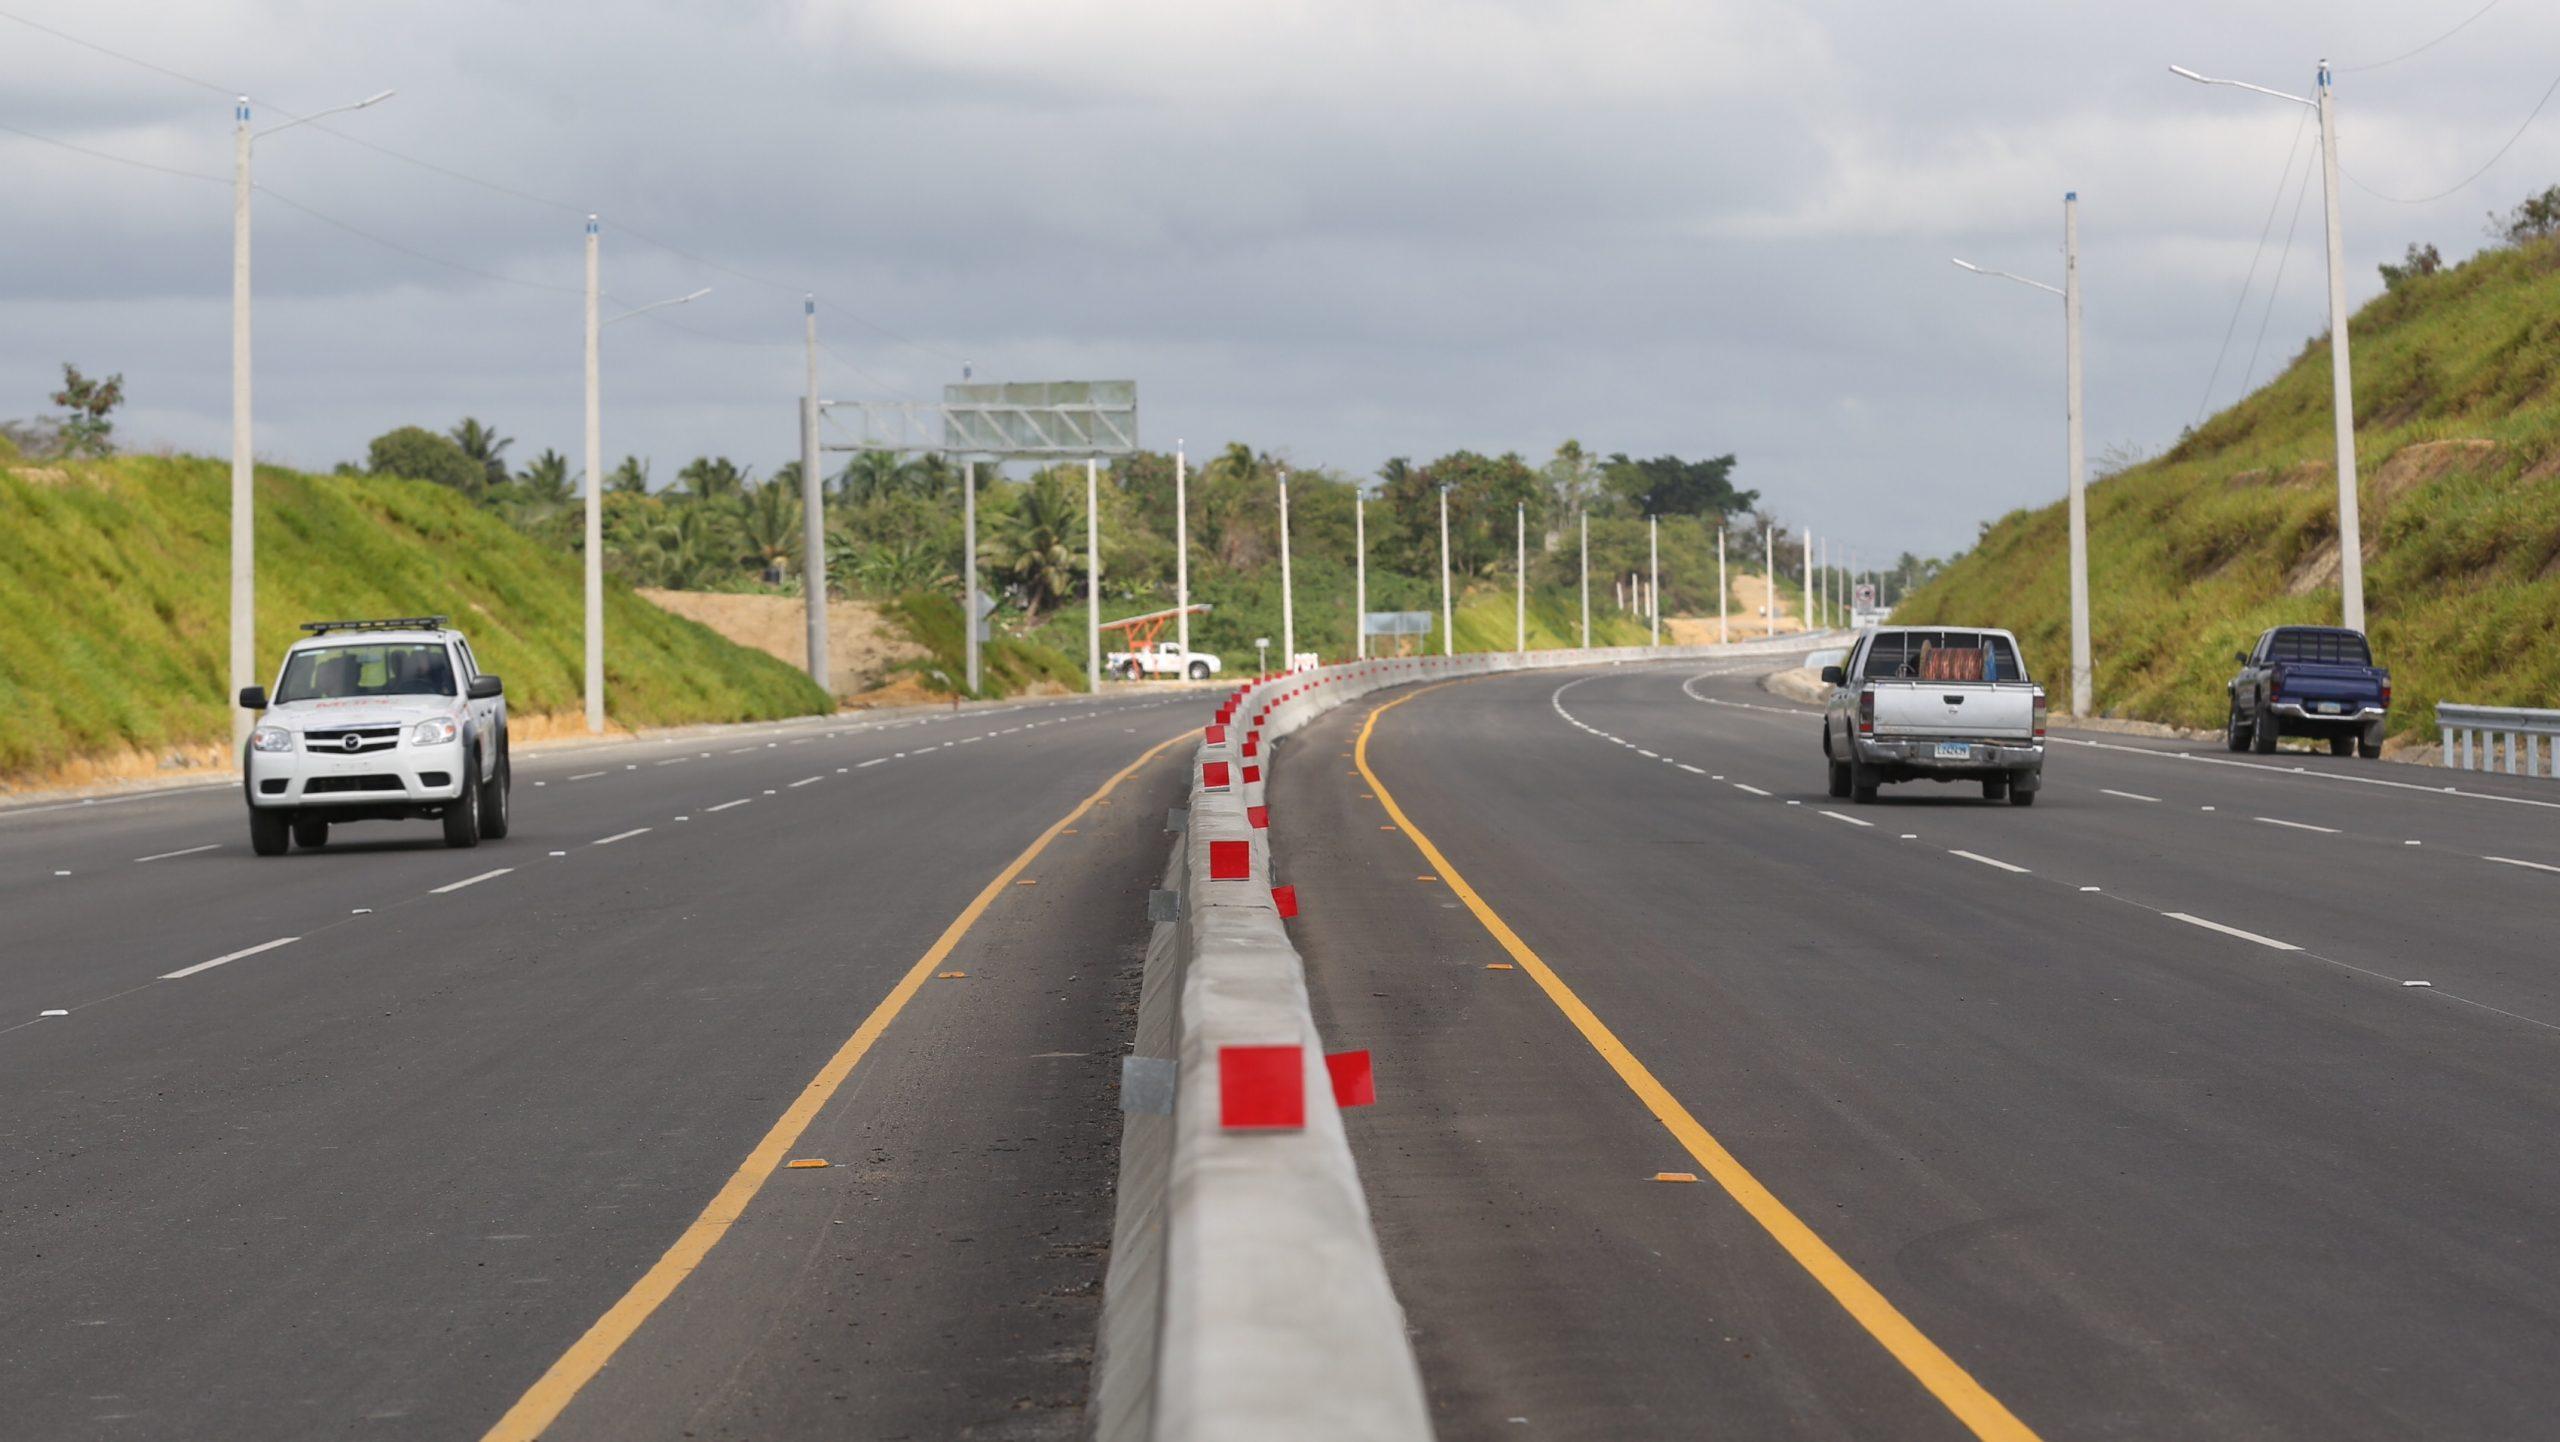 La obra de circunvalación de Santo Domingo fue inaugurada recientemente por el presidente Danilo Medina./elDinero